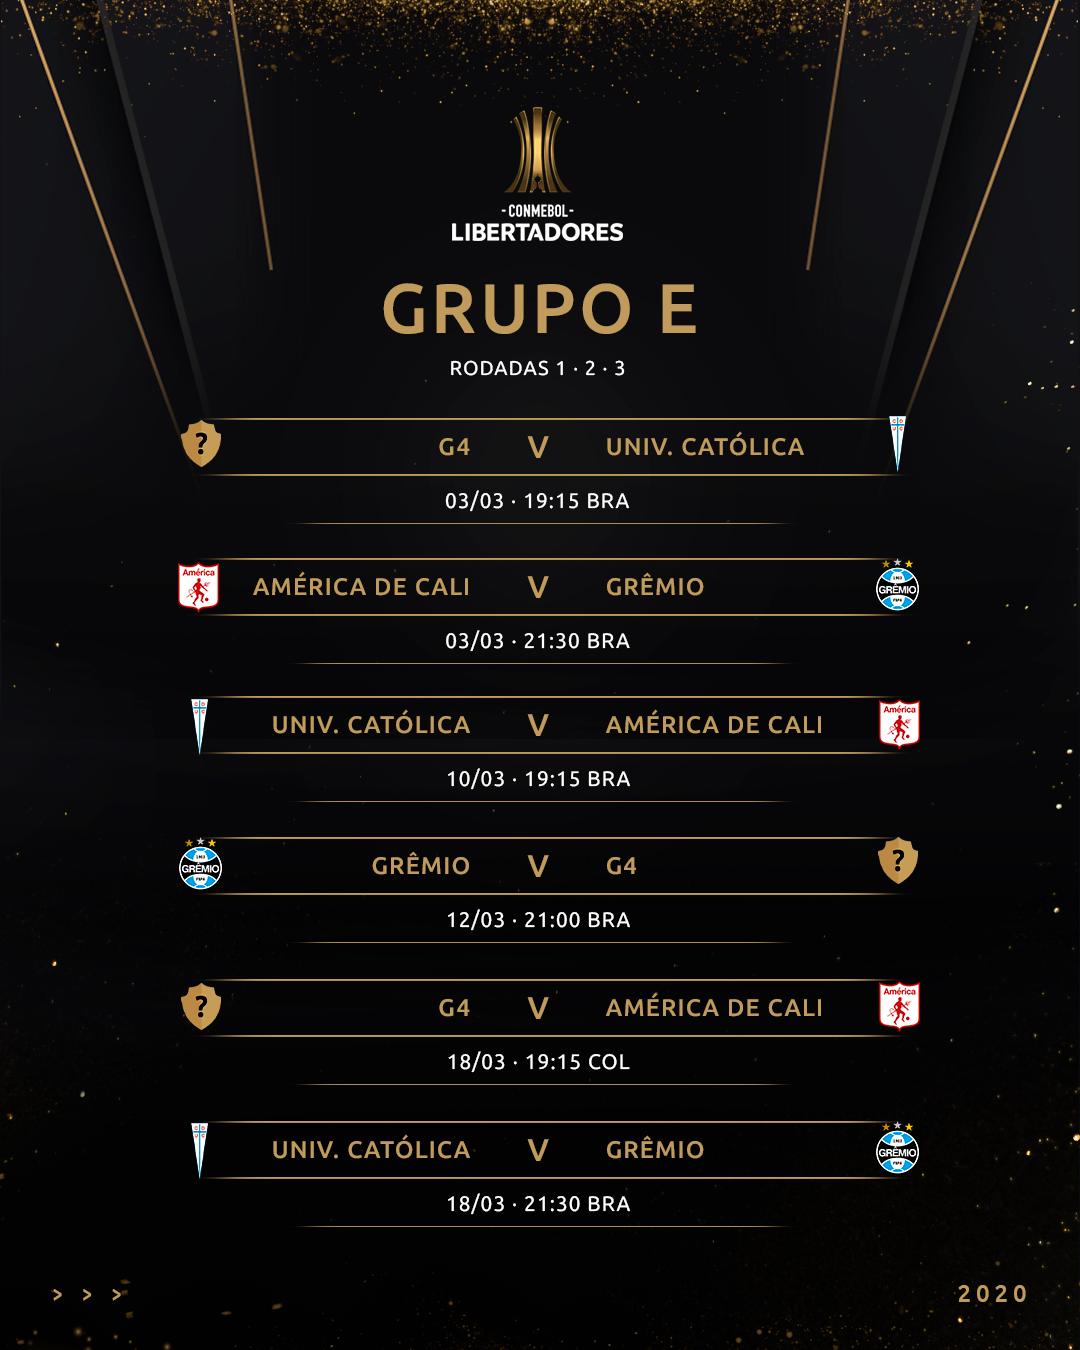 Grupo E - tabela 1 Libertadores